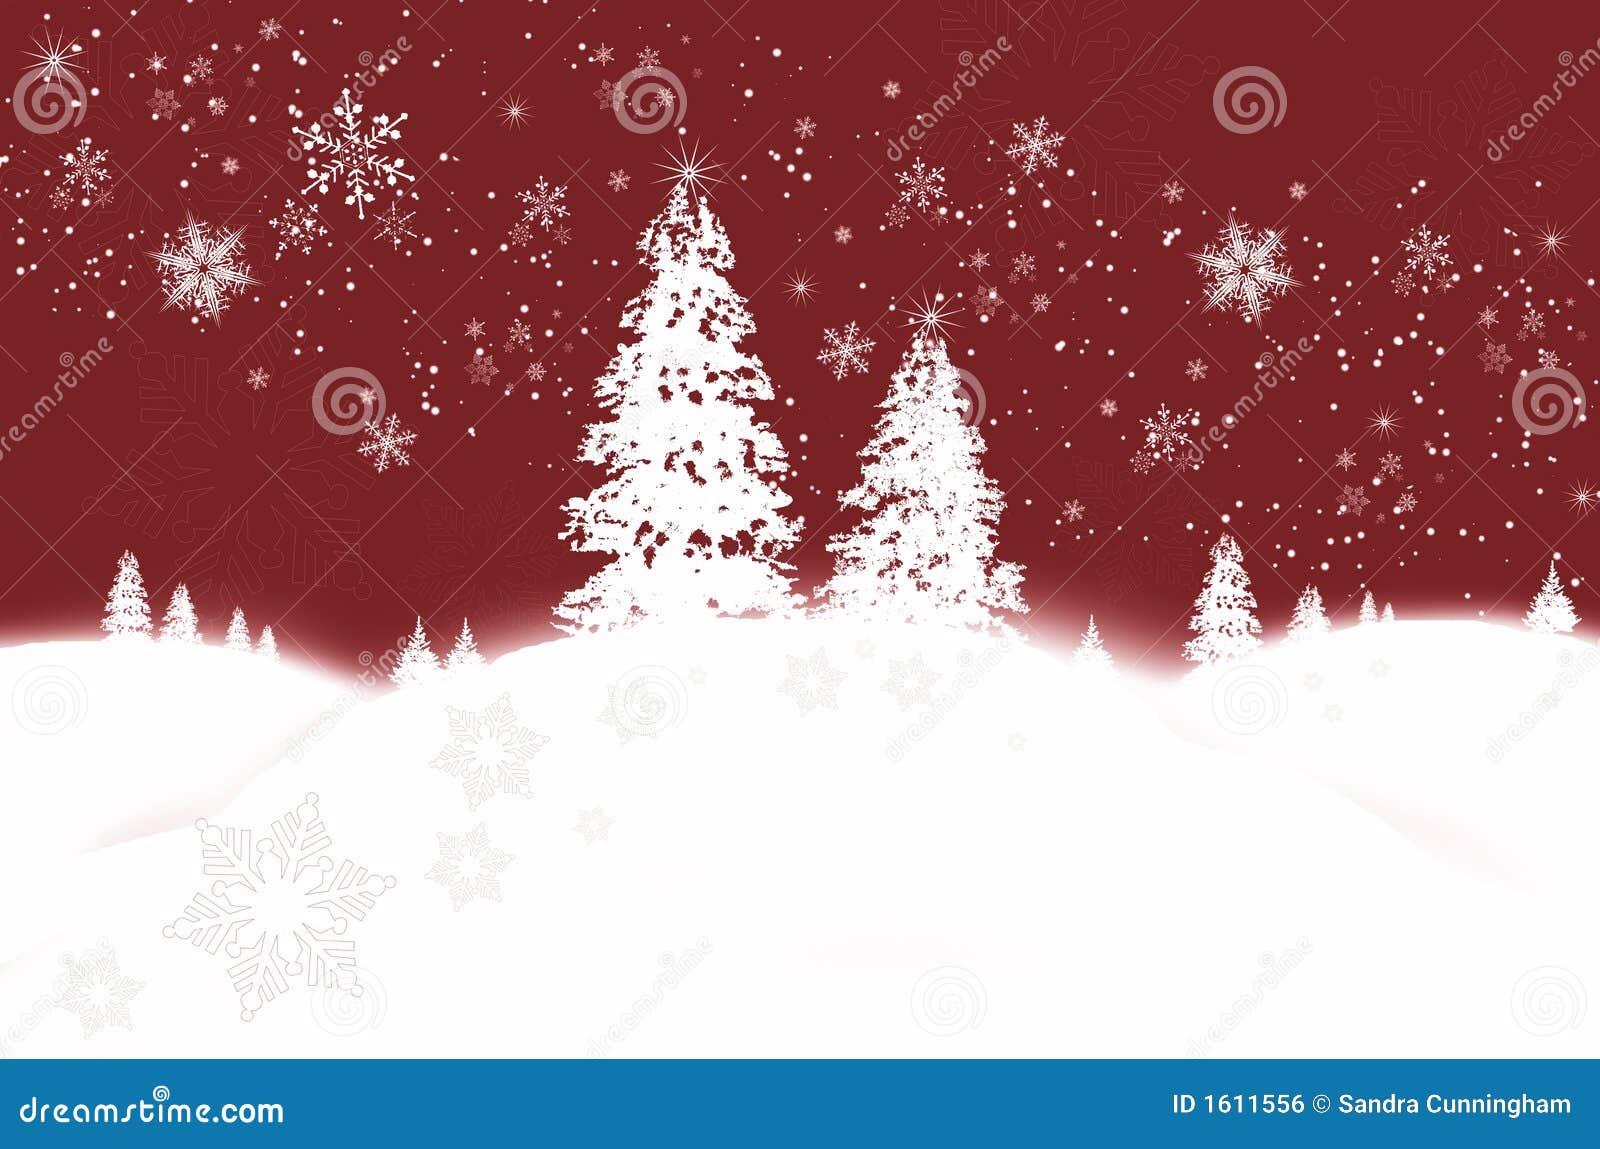 Winter wonderland/ Red